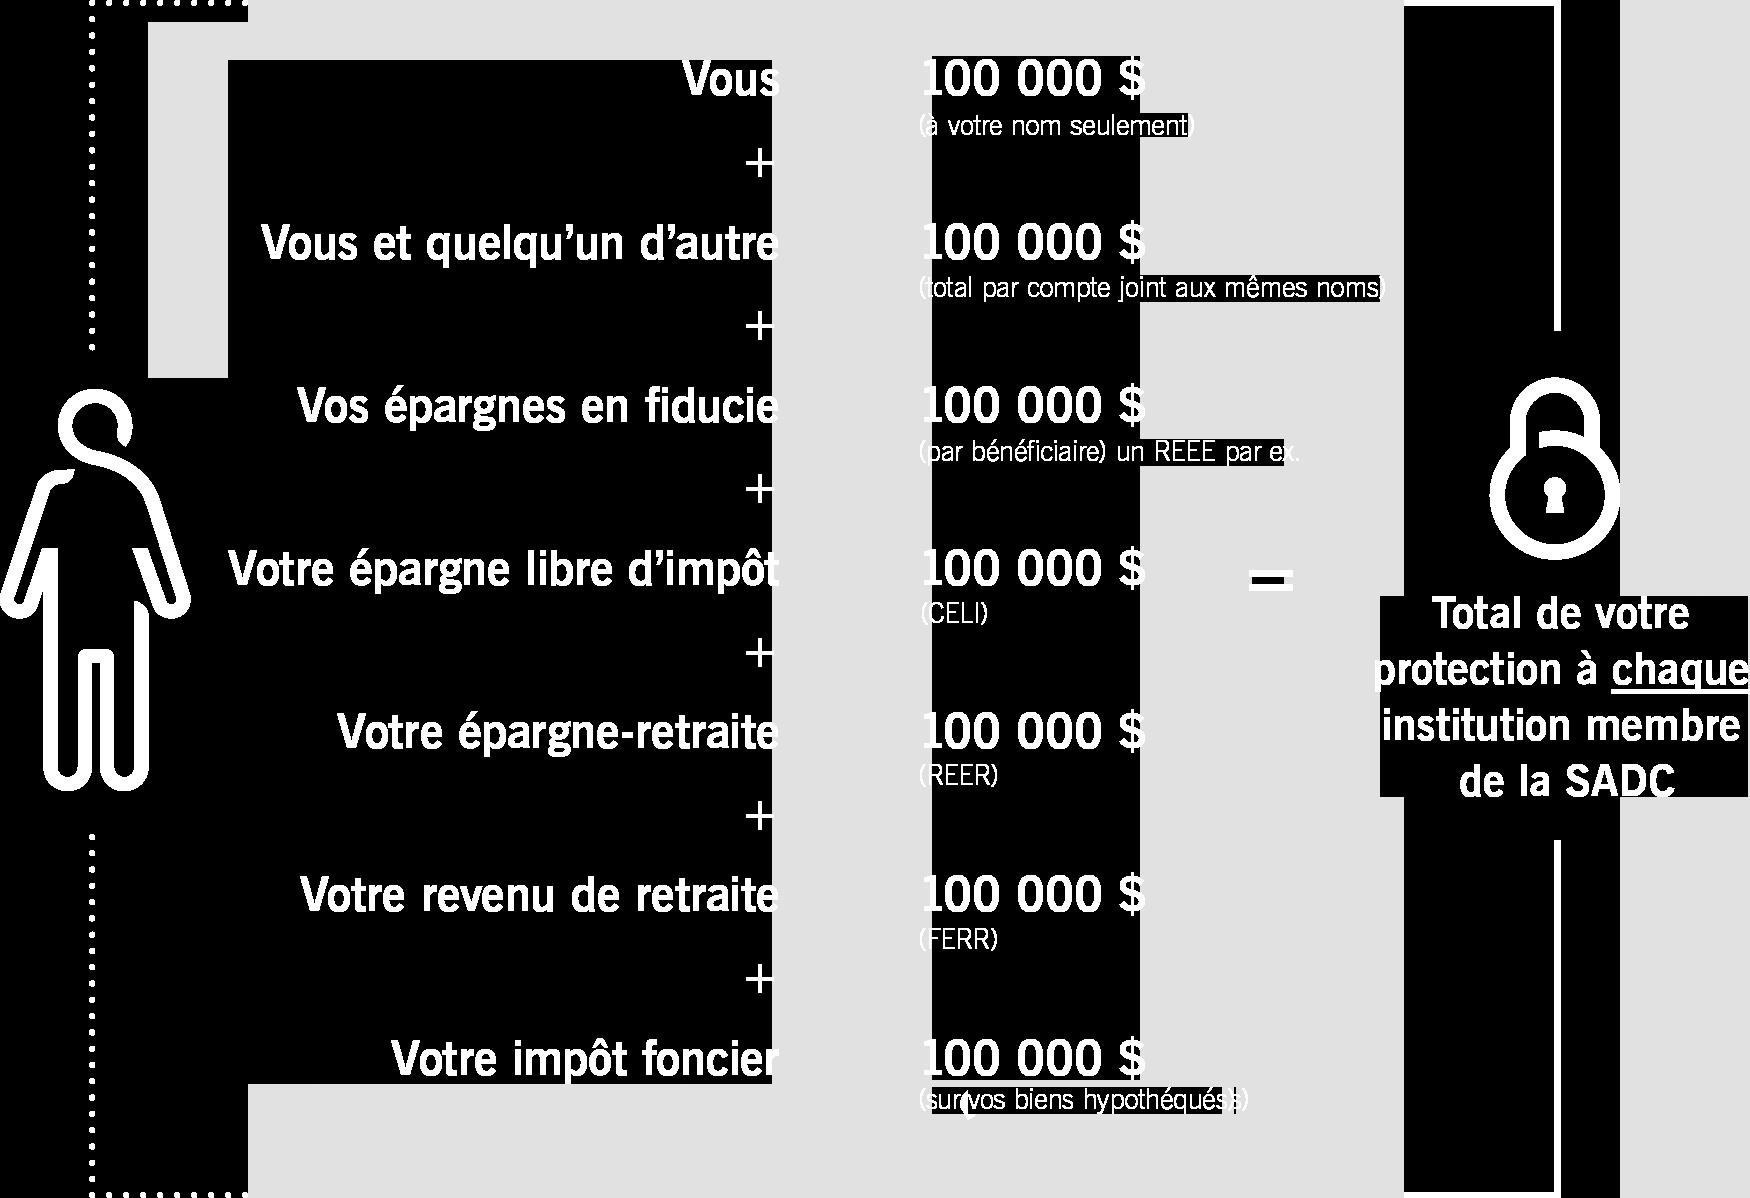 Tableau illustrant le montant de vos dépôts protégés par la SADC, par catégorie de dépôts assurés